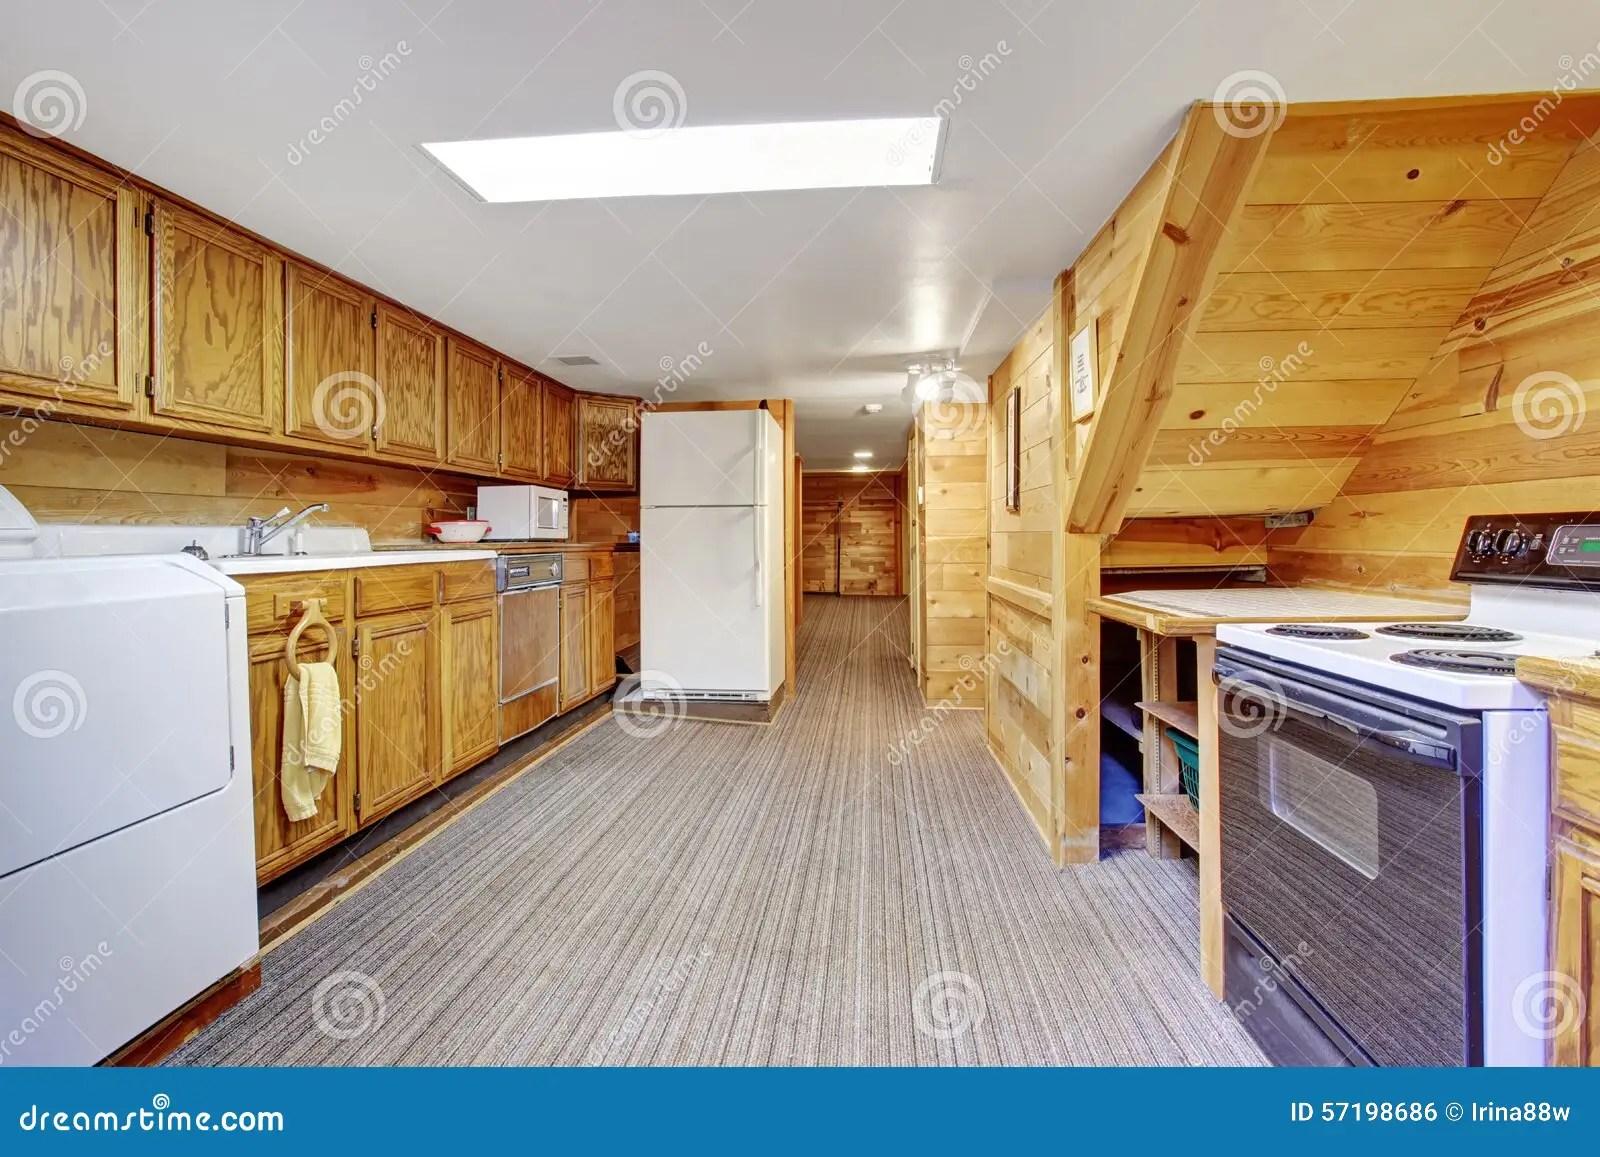 wine kitchen rugs mandoline 地道厨房洗衣房组合与地毯库存照片 图片包括有干净 空间 木头 装备 autherntic厨房洗衣房组合与地毯和木头内阁